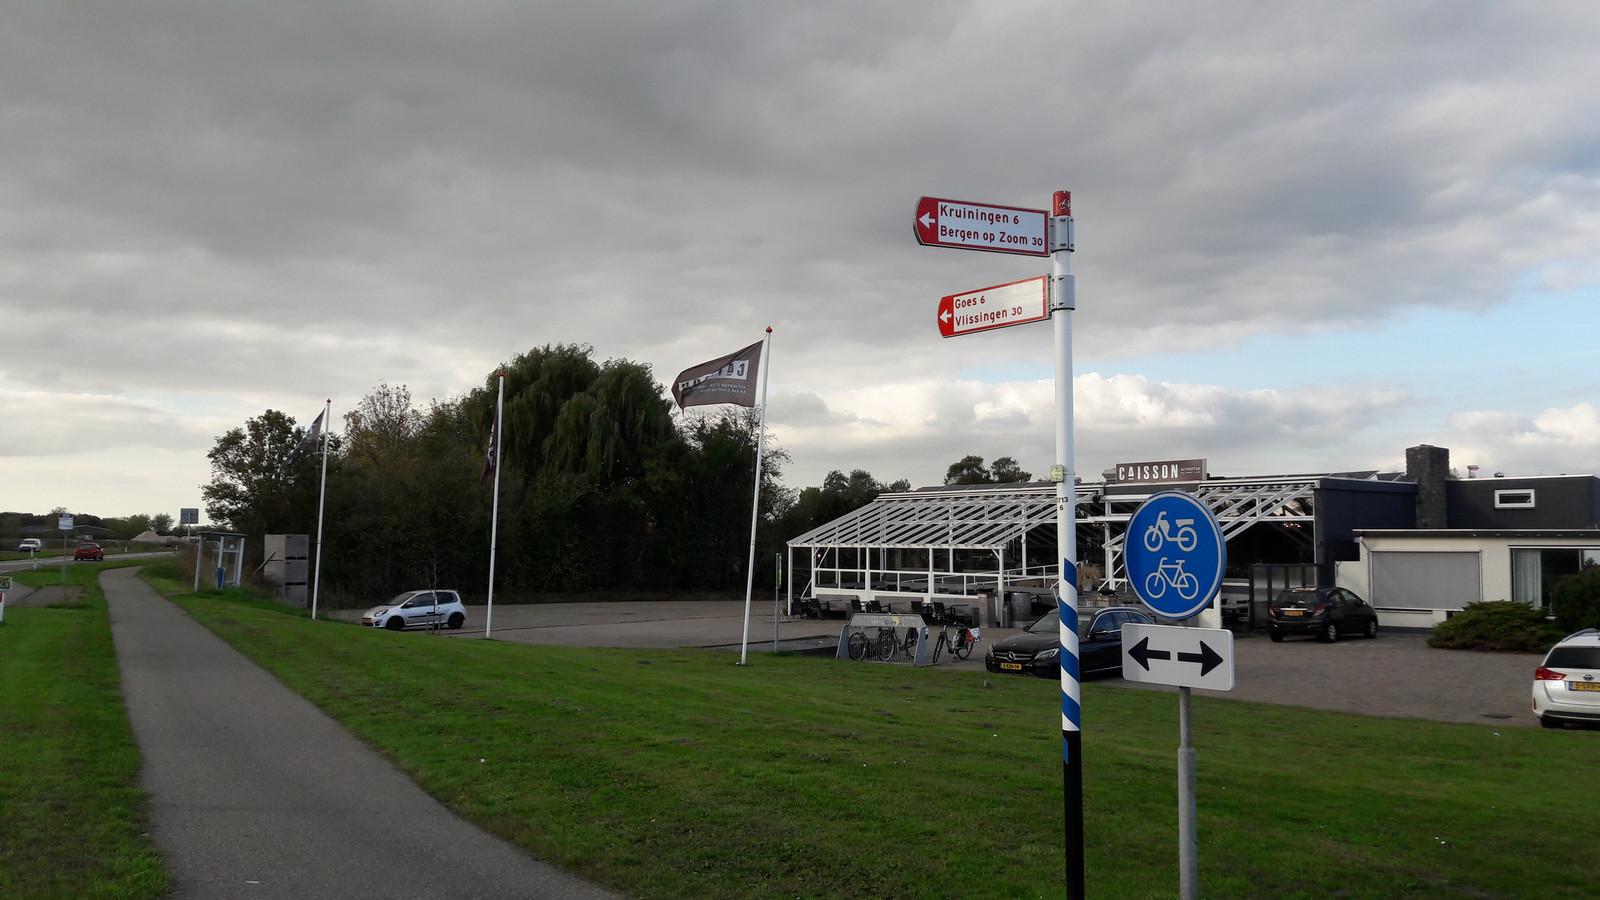 Voorlopig is het nog onduidelijk of er 150 Oostblokkers komen wonen naast de Caisson in Biezelinge.